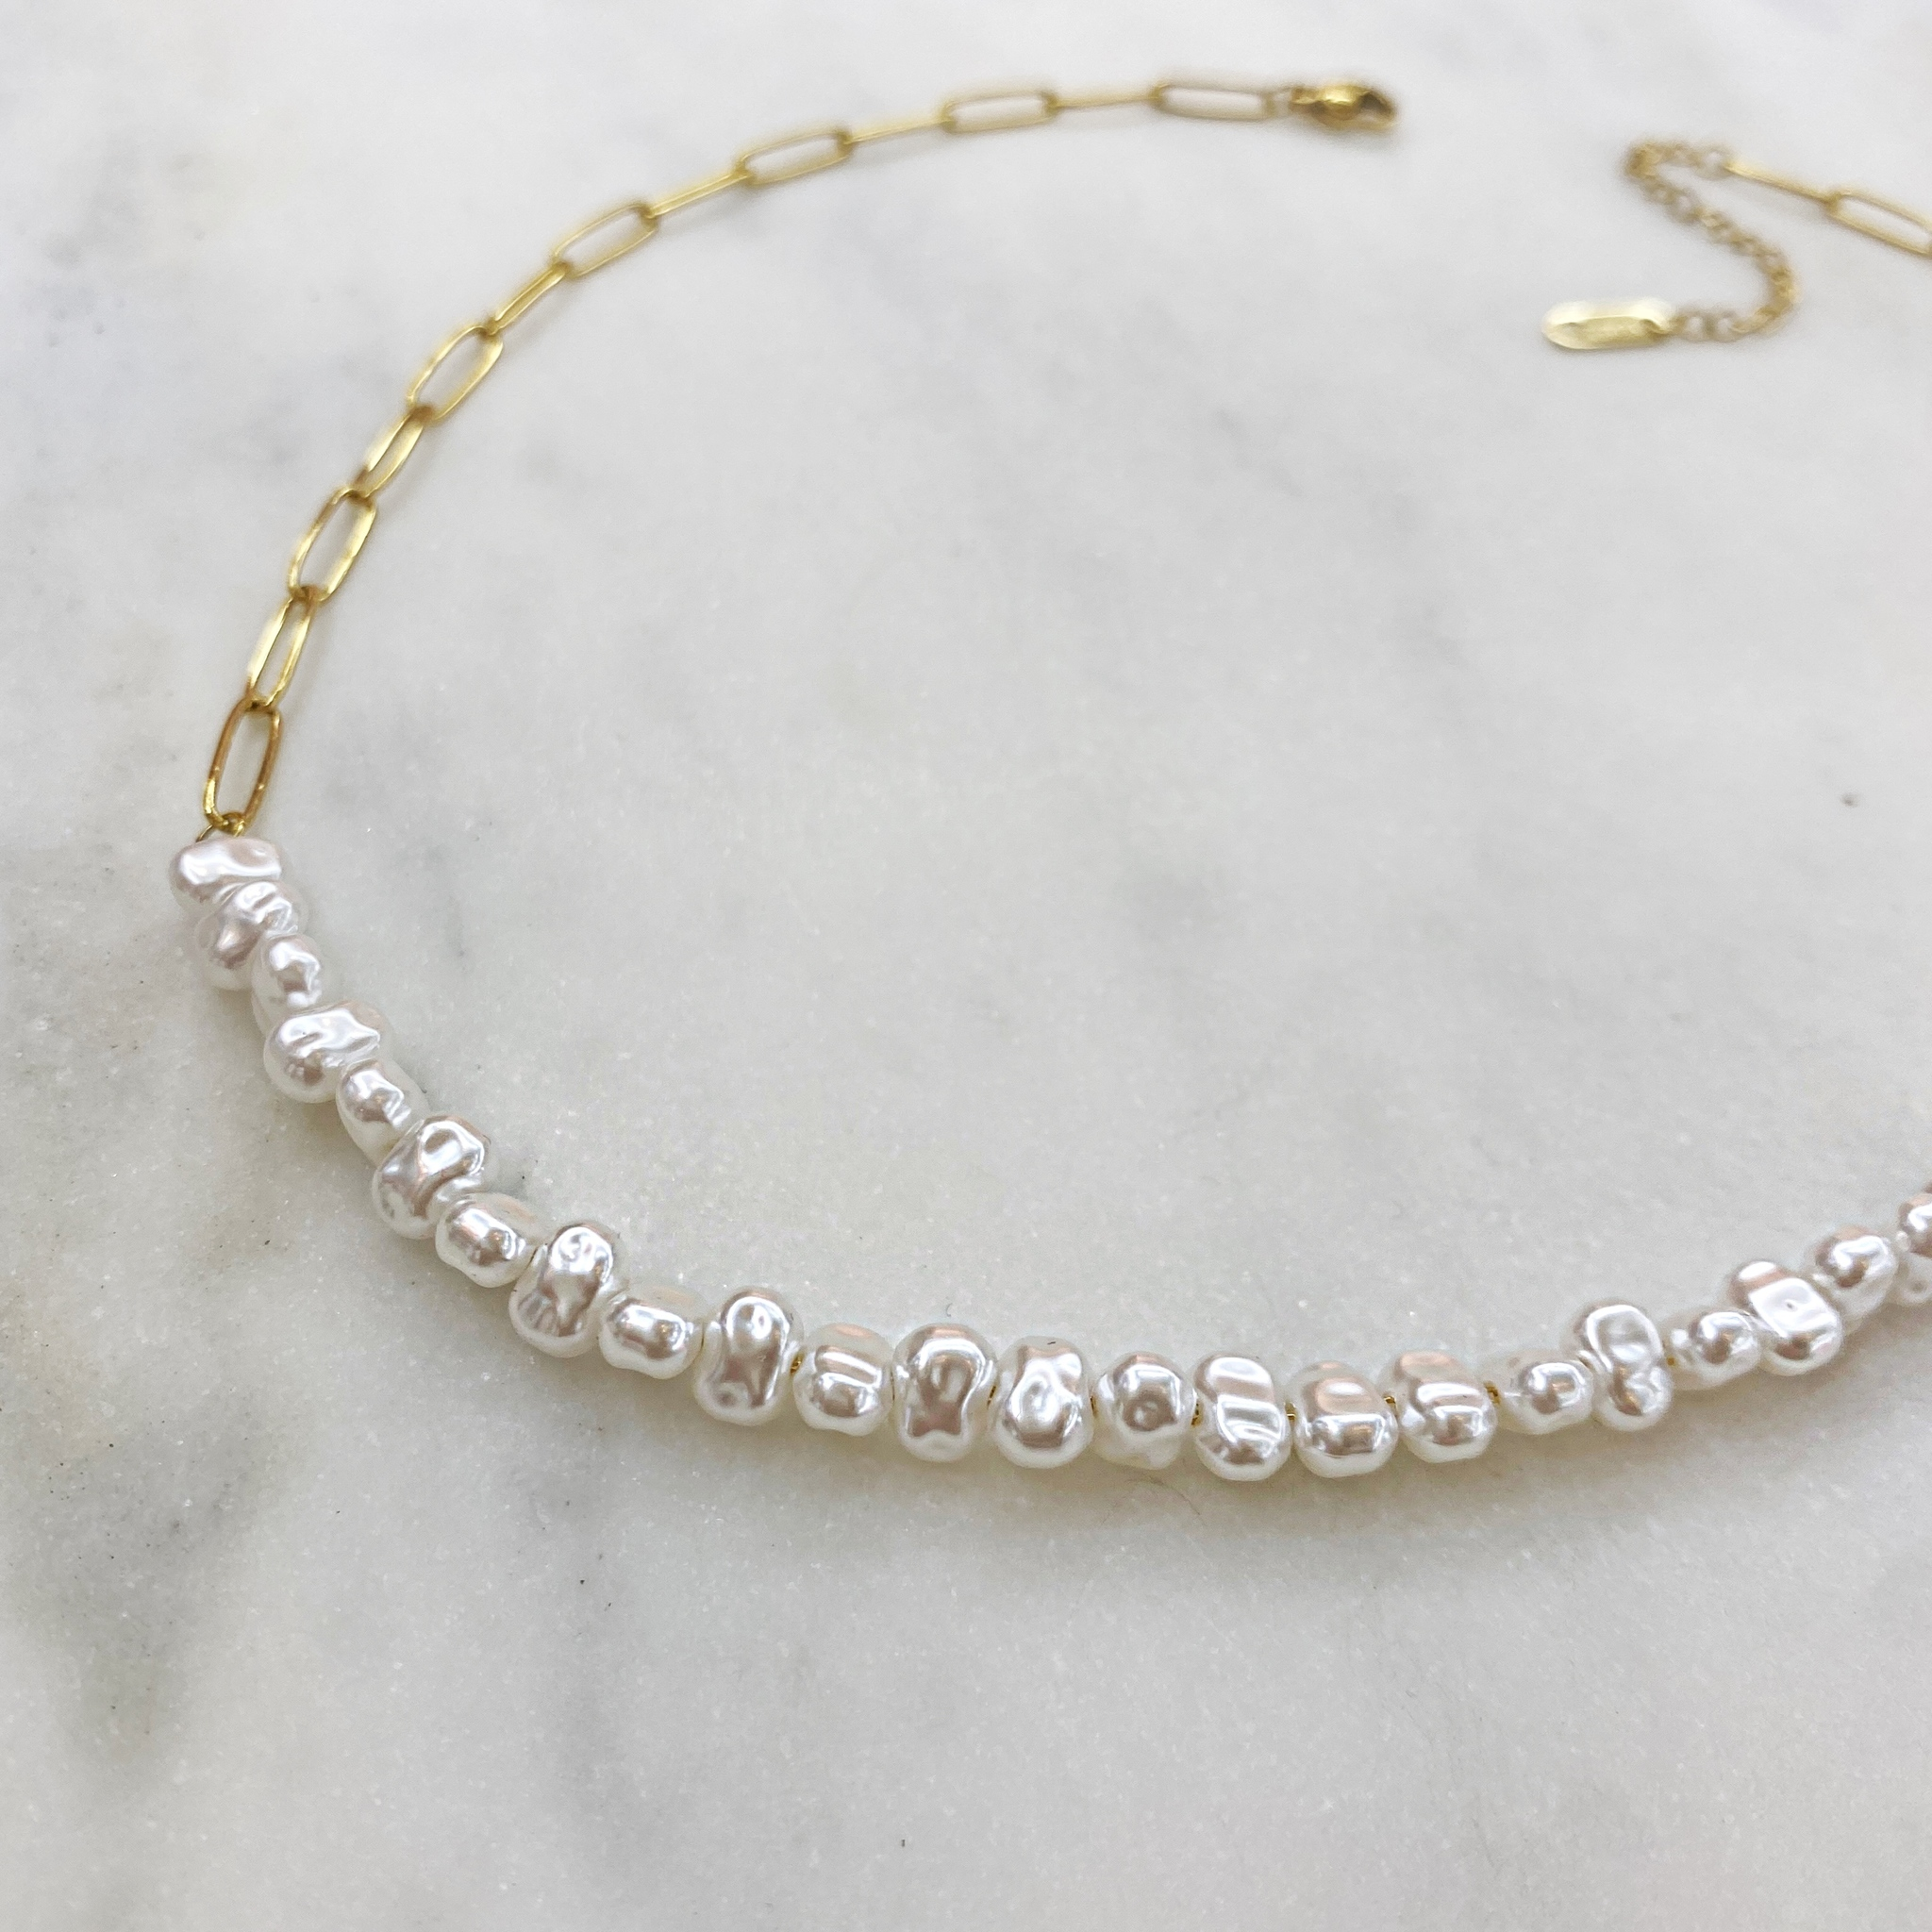 Колье-цепь из наборных жемчужин, сталь (золотистый)